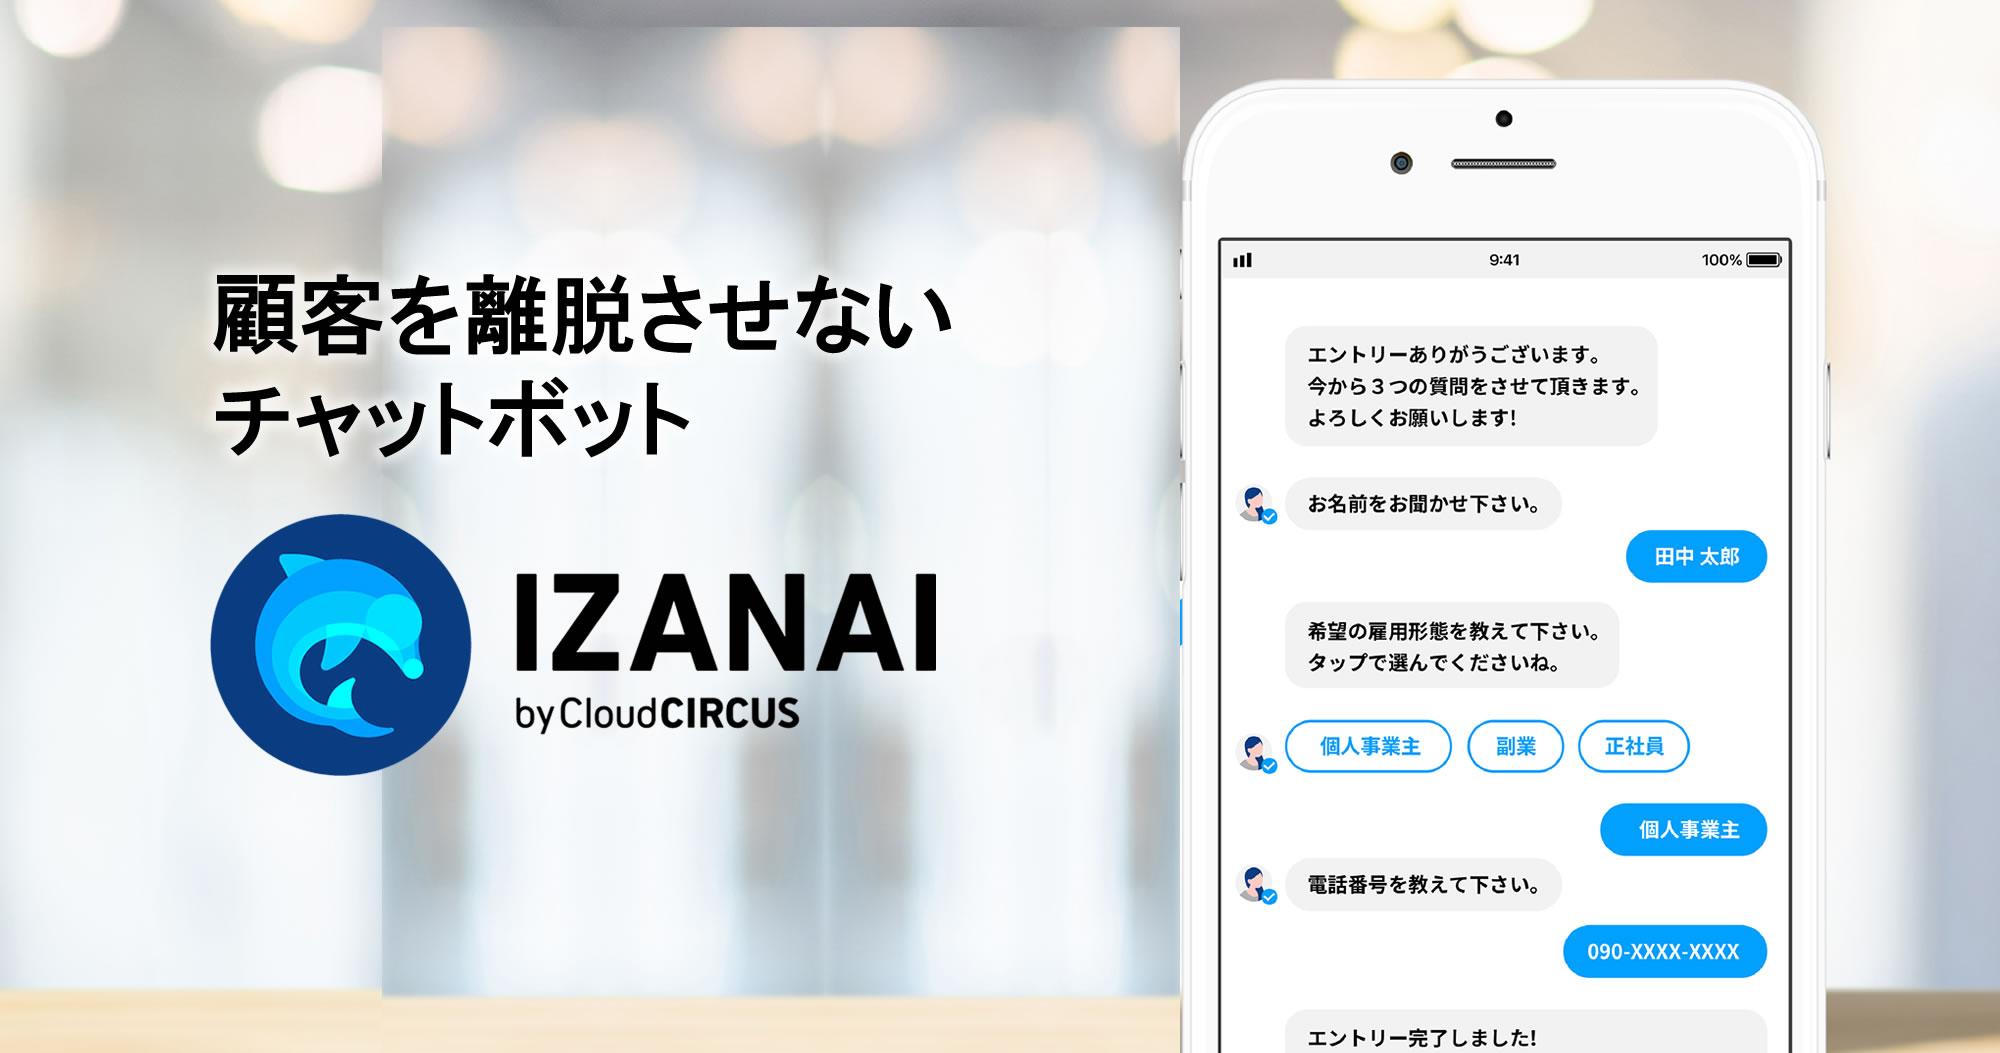 デジタルマーケSaaS総称『Cloud CIRCUS』の チャットボット『IZANAI(イザナイ)』、6月7日(月)より サイトローンチ・フリープラン提供開始